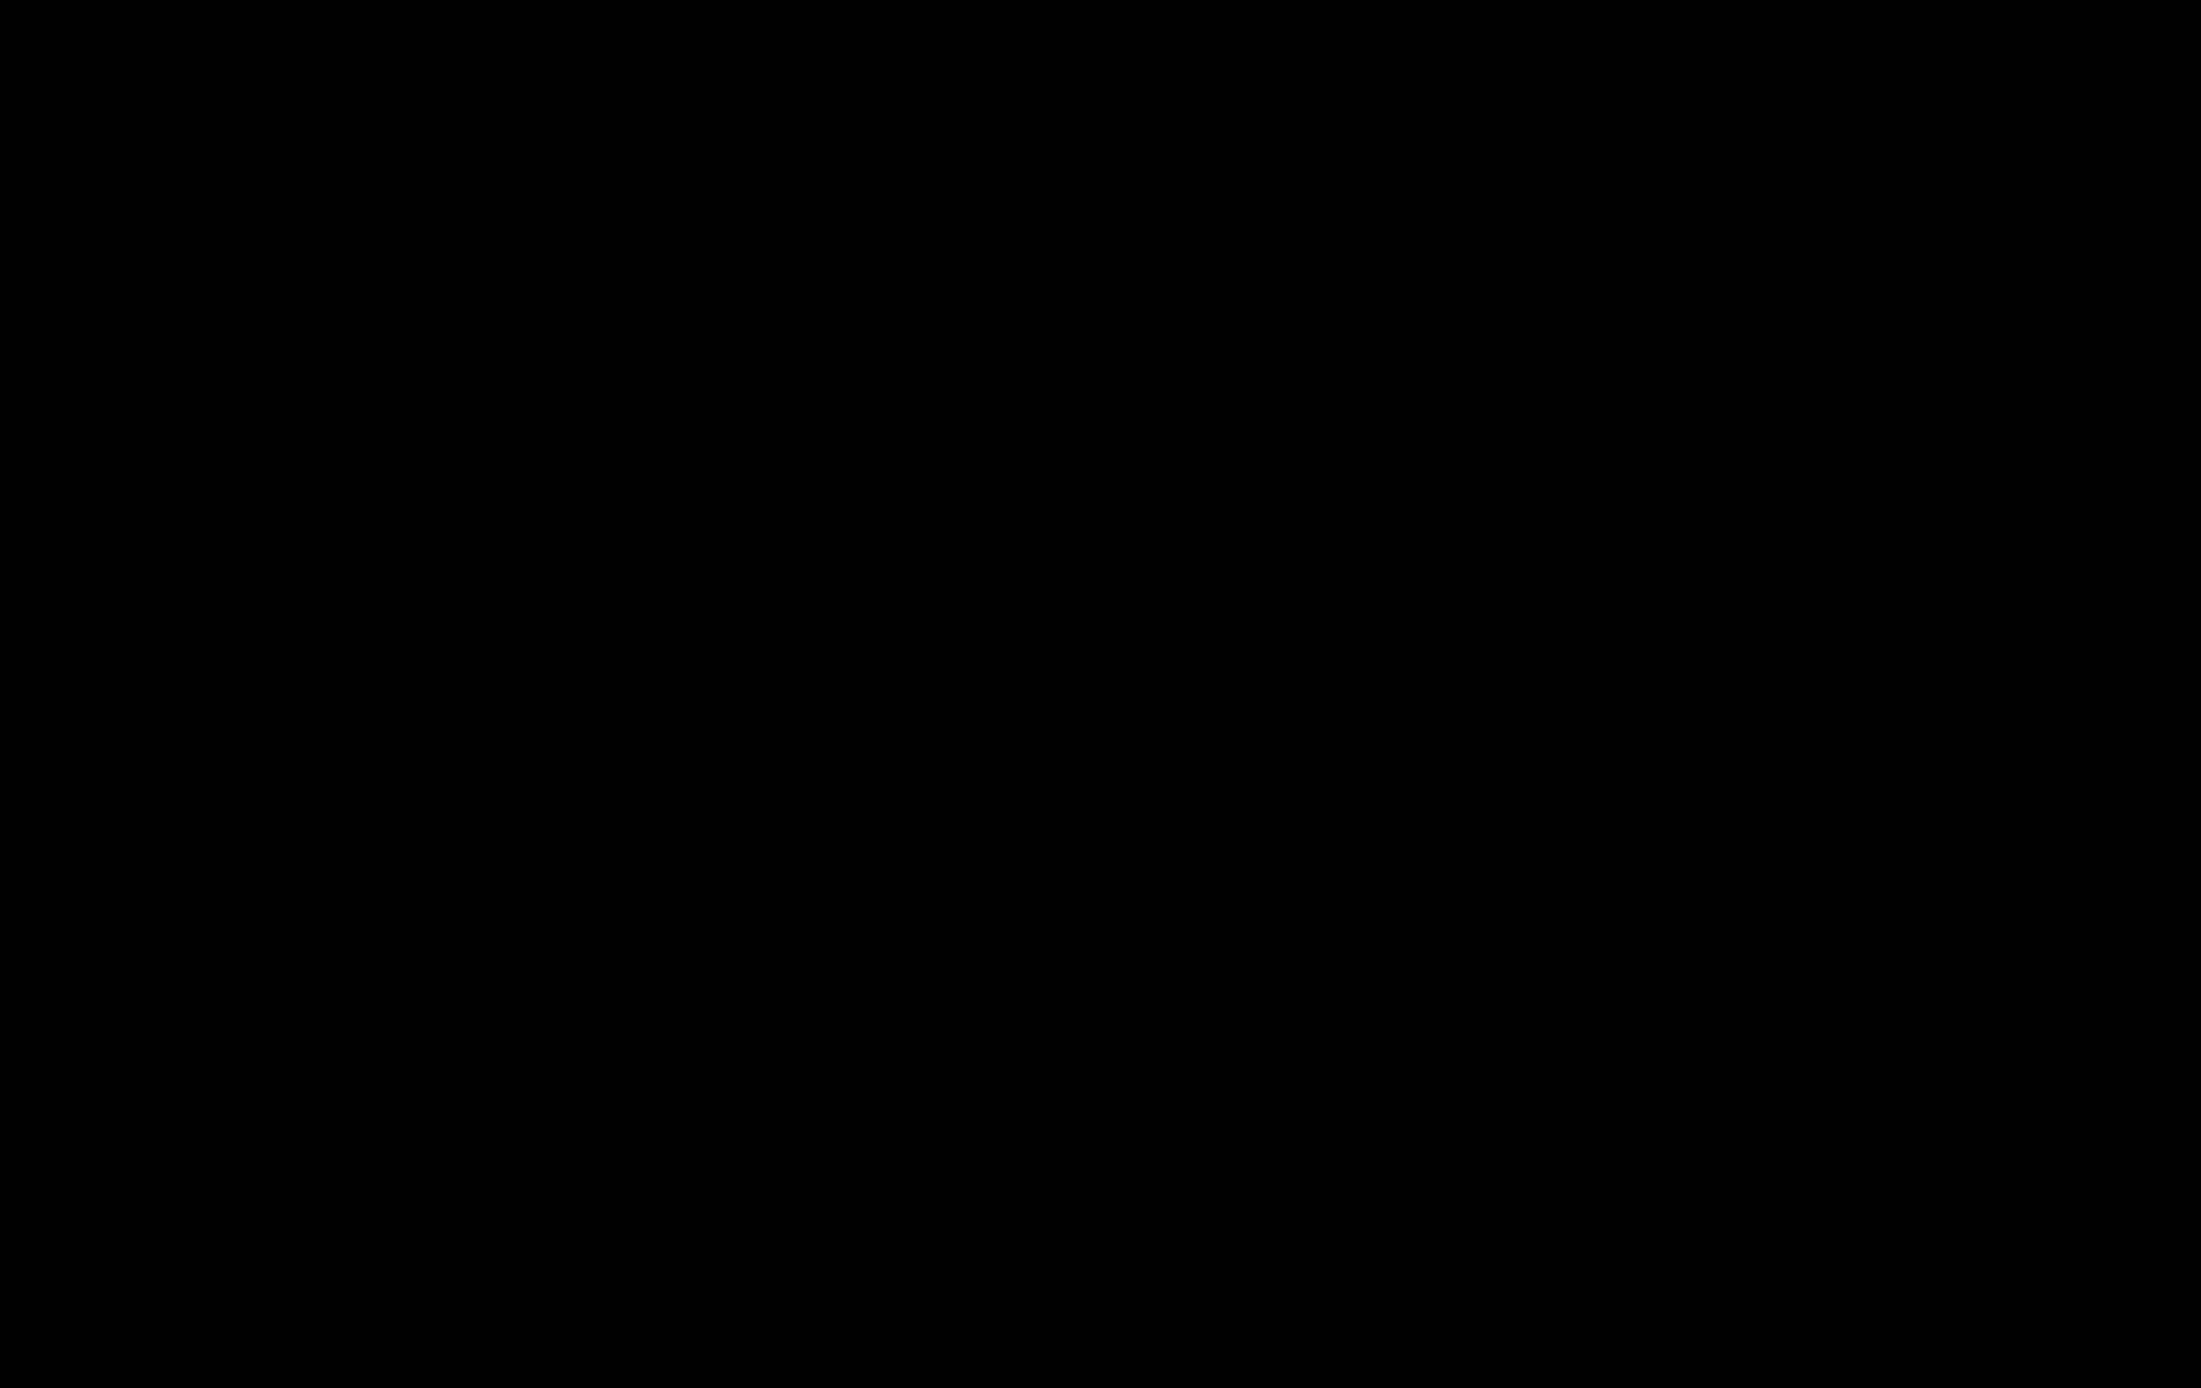 Pet clipart silhouette. Dog clip art black